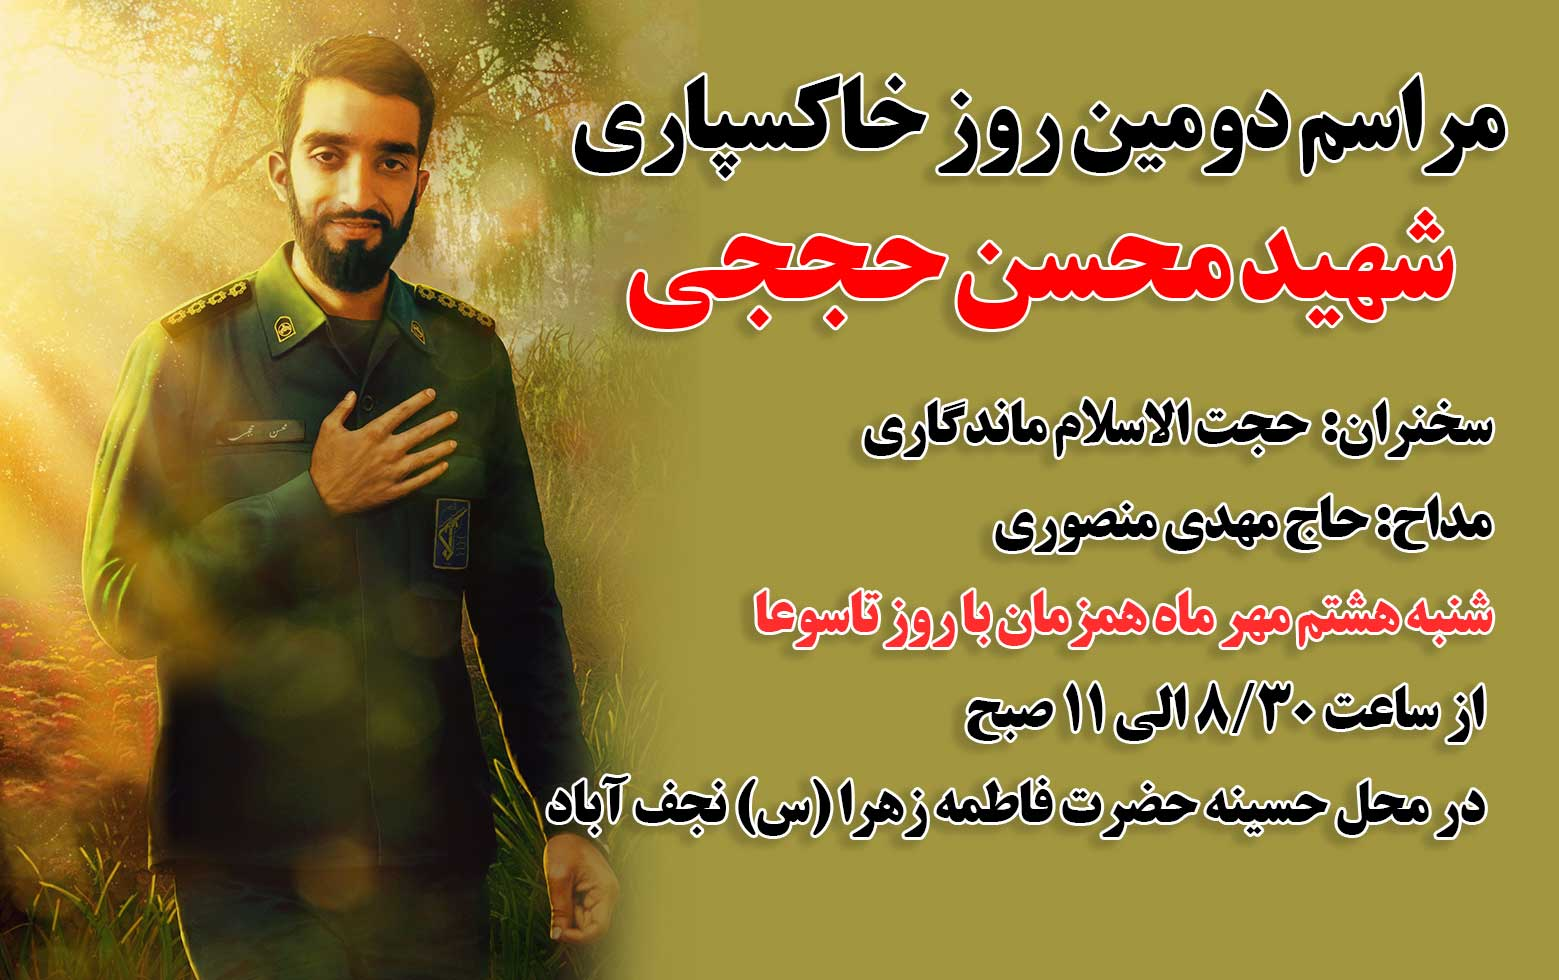 اعلام برنامه های دومین روز خاکسپاری شهید حججی